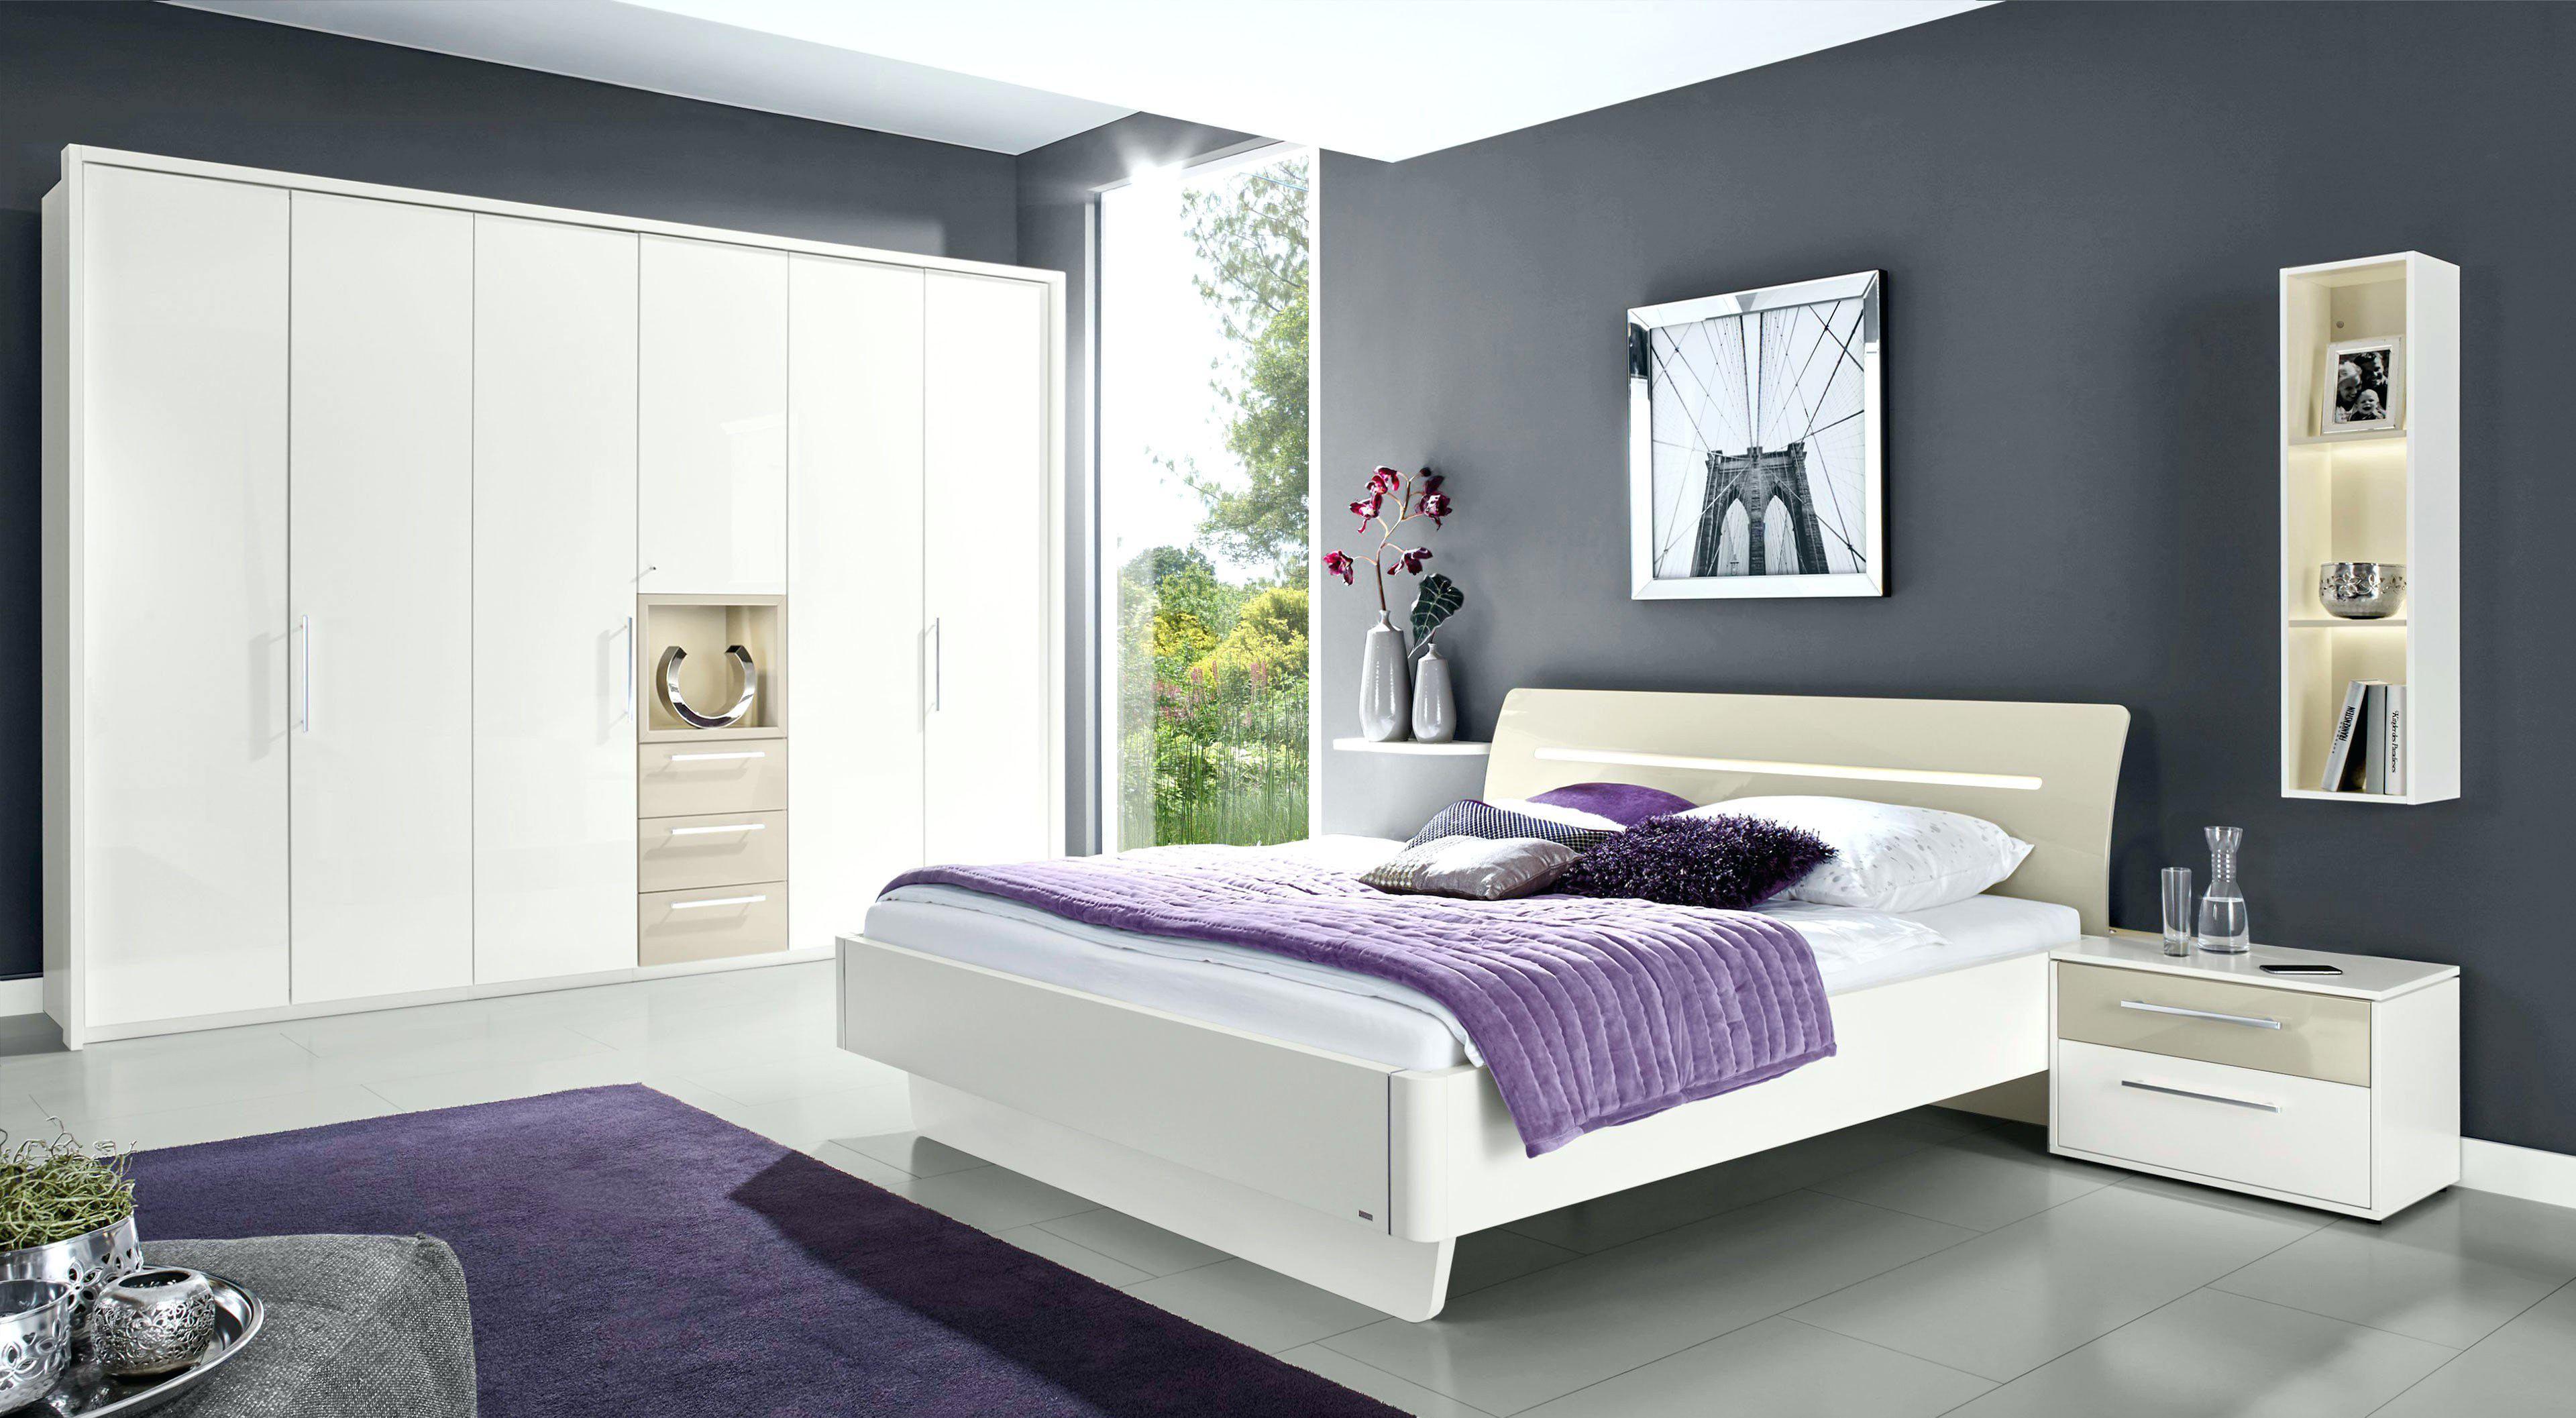 Schlafzimmer Set Hochglanz Weiss Hund Schlafzimmerblick